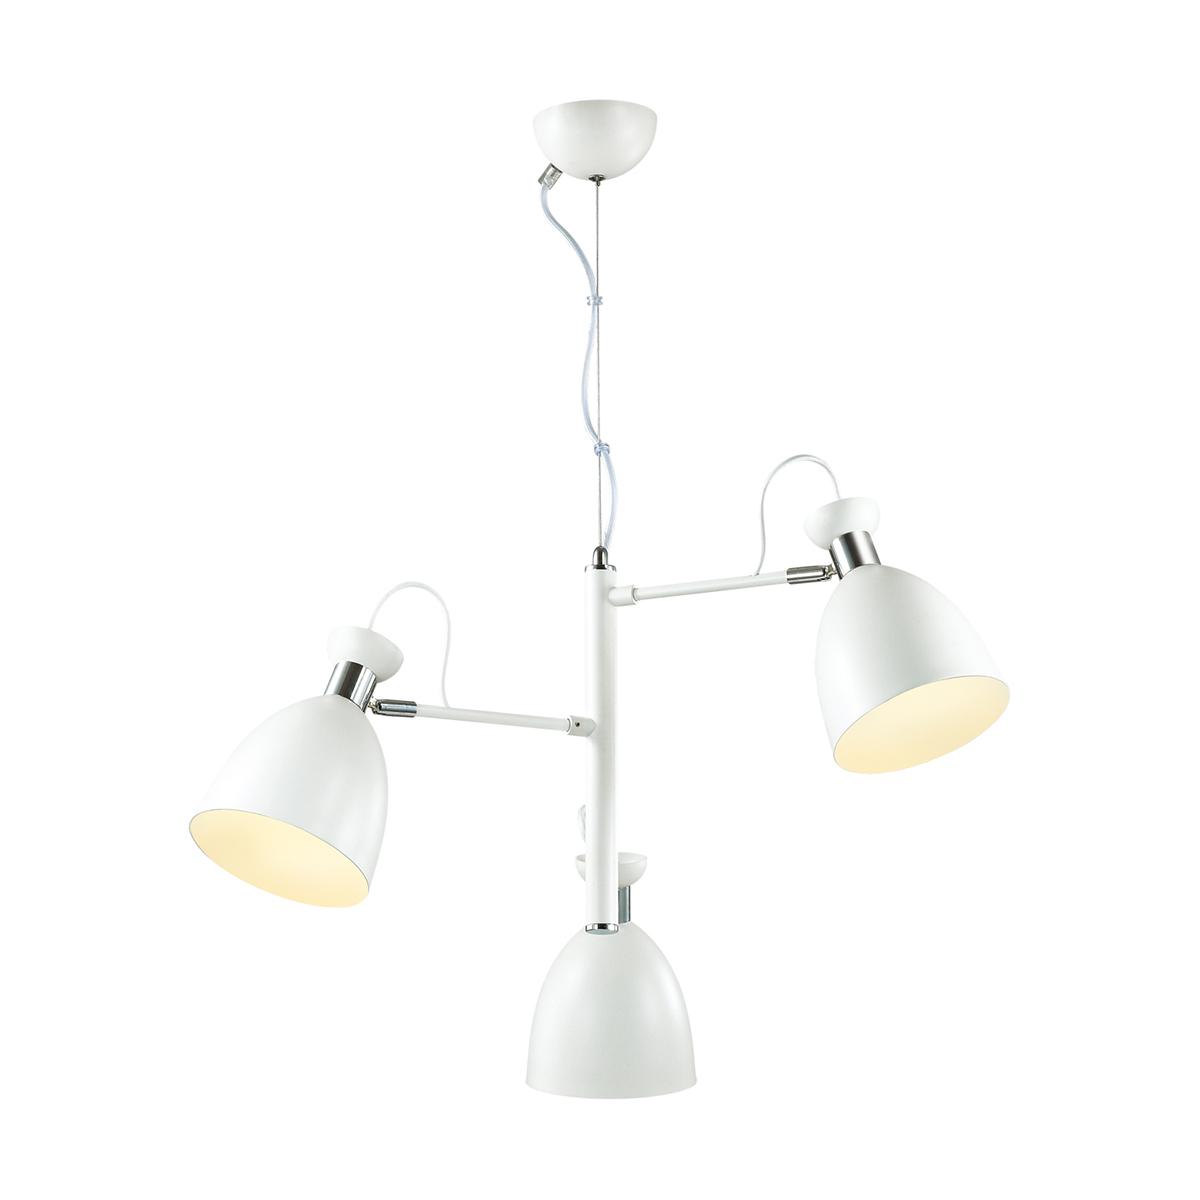 Подвесная люстра с регулировкой направления света Lumion Kizzy 3734/3, 3xE27x60W, белый, хром, металл - фото 1